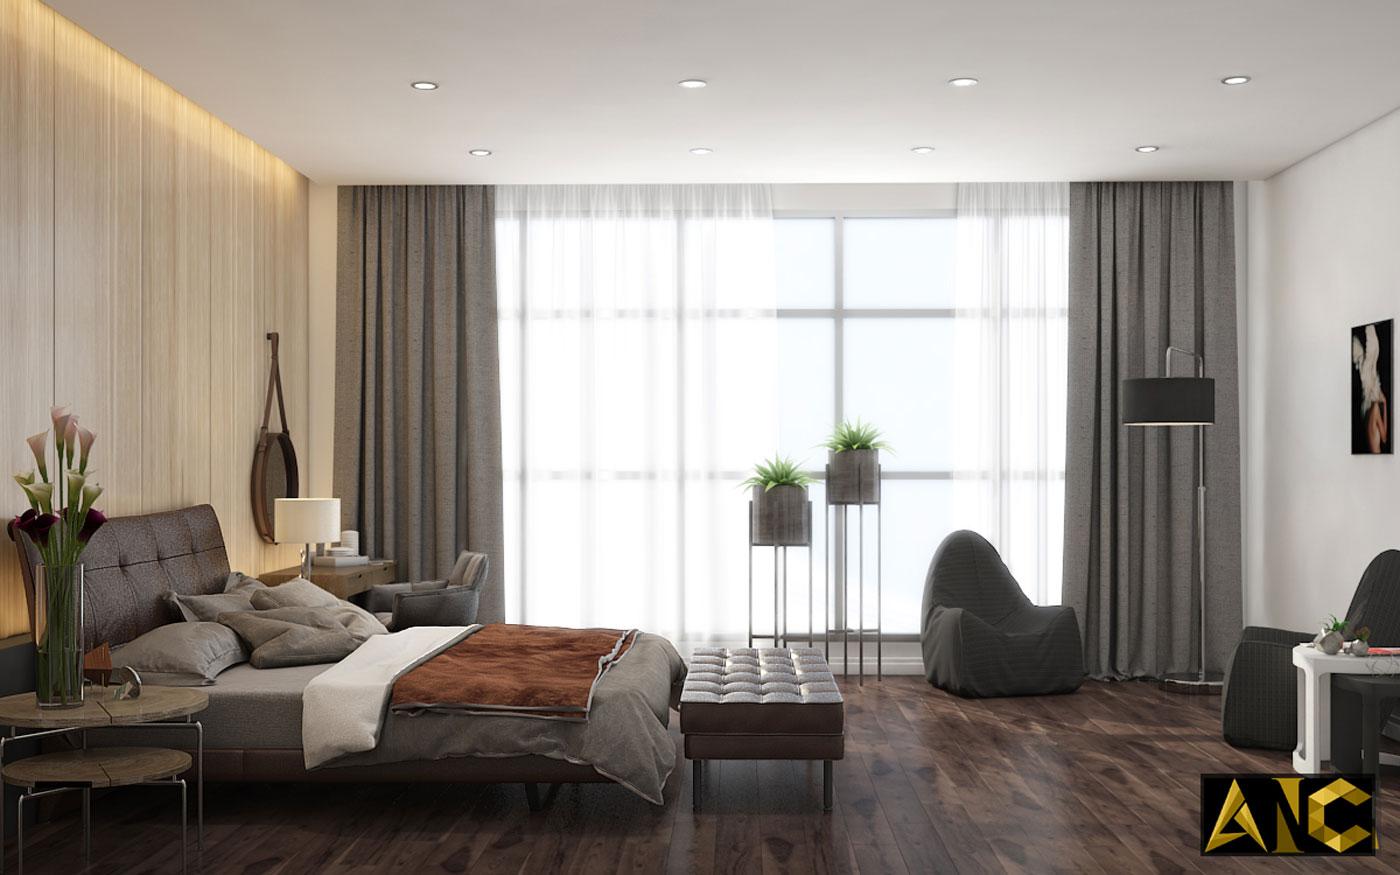 Thiết kế thi công nội thất: Penhouse City Plaza phòng ngủ master view 2